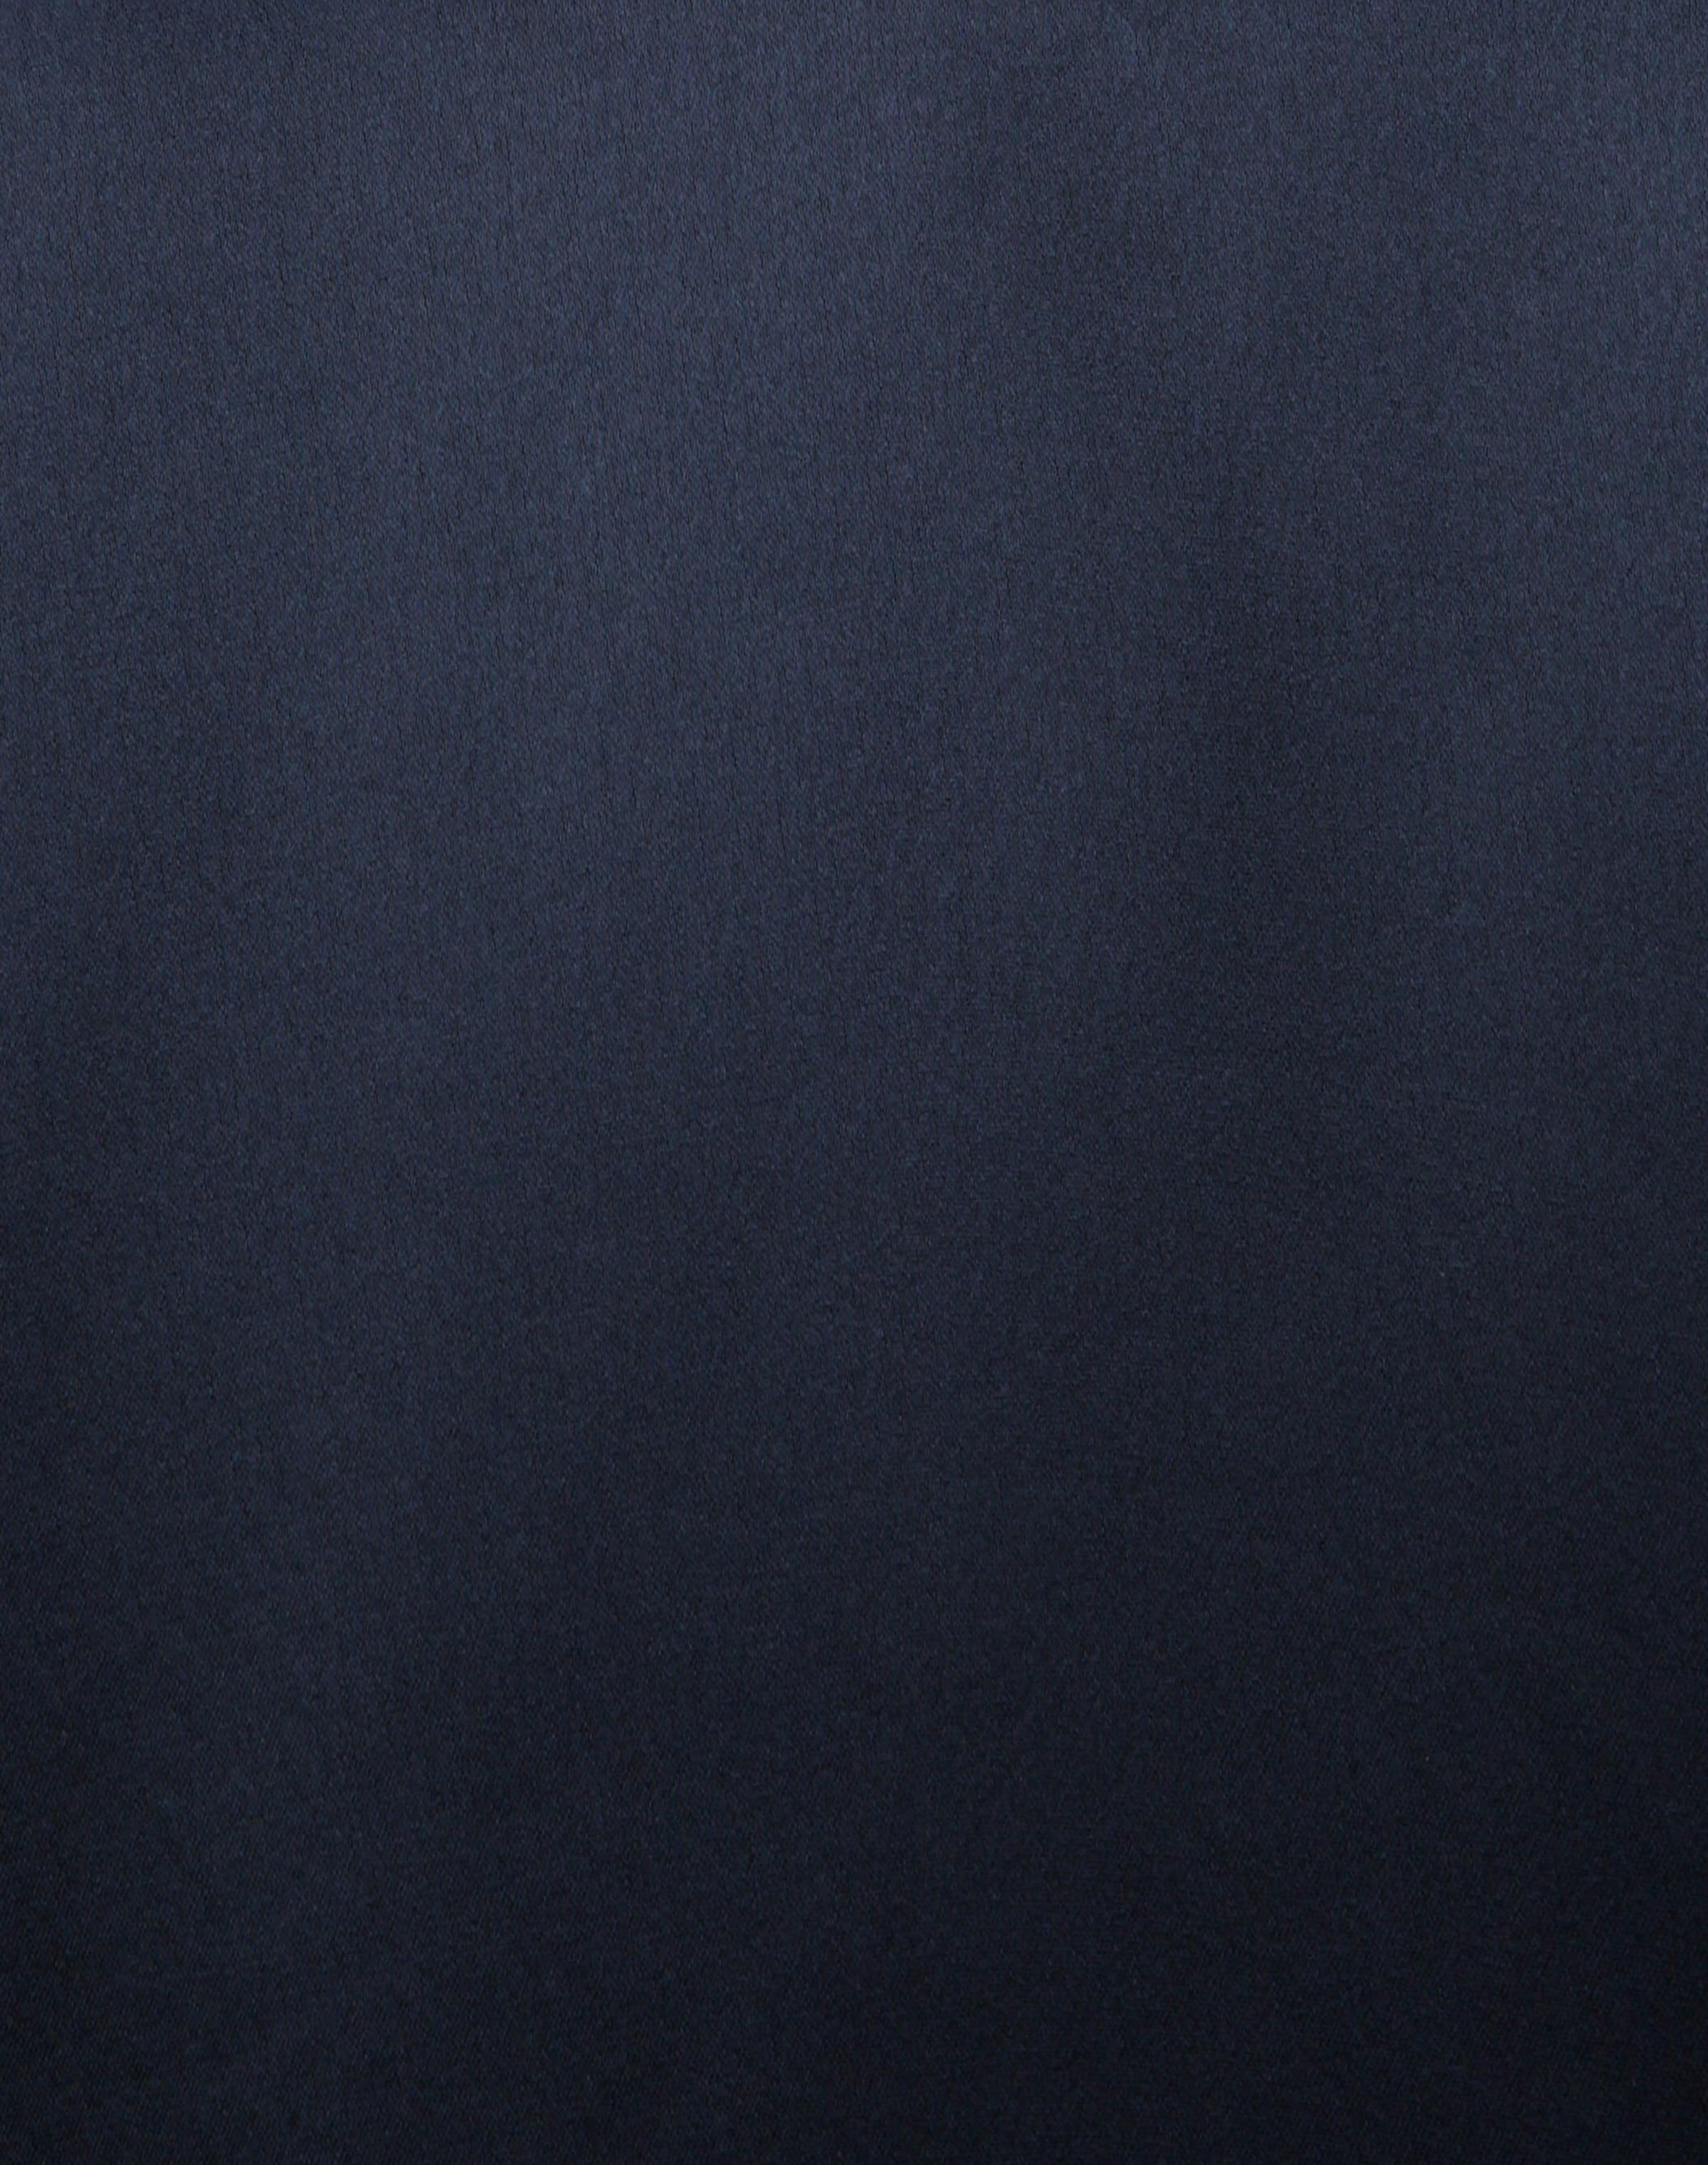 Samsoe & Samsoe Cocktailkleid 'Mano' Die Besten Preise Zu Verkaufen Billig Verkaufen Billig 2018 Zum Verkauf Auslass-Angebote Verkauf 100% Original iPfHQ6